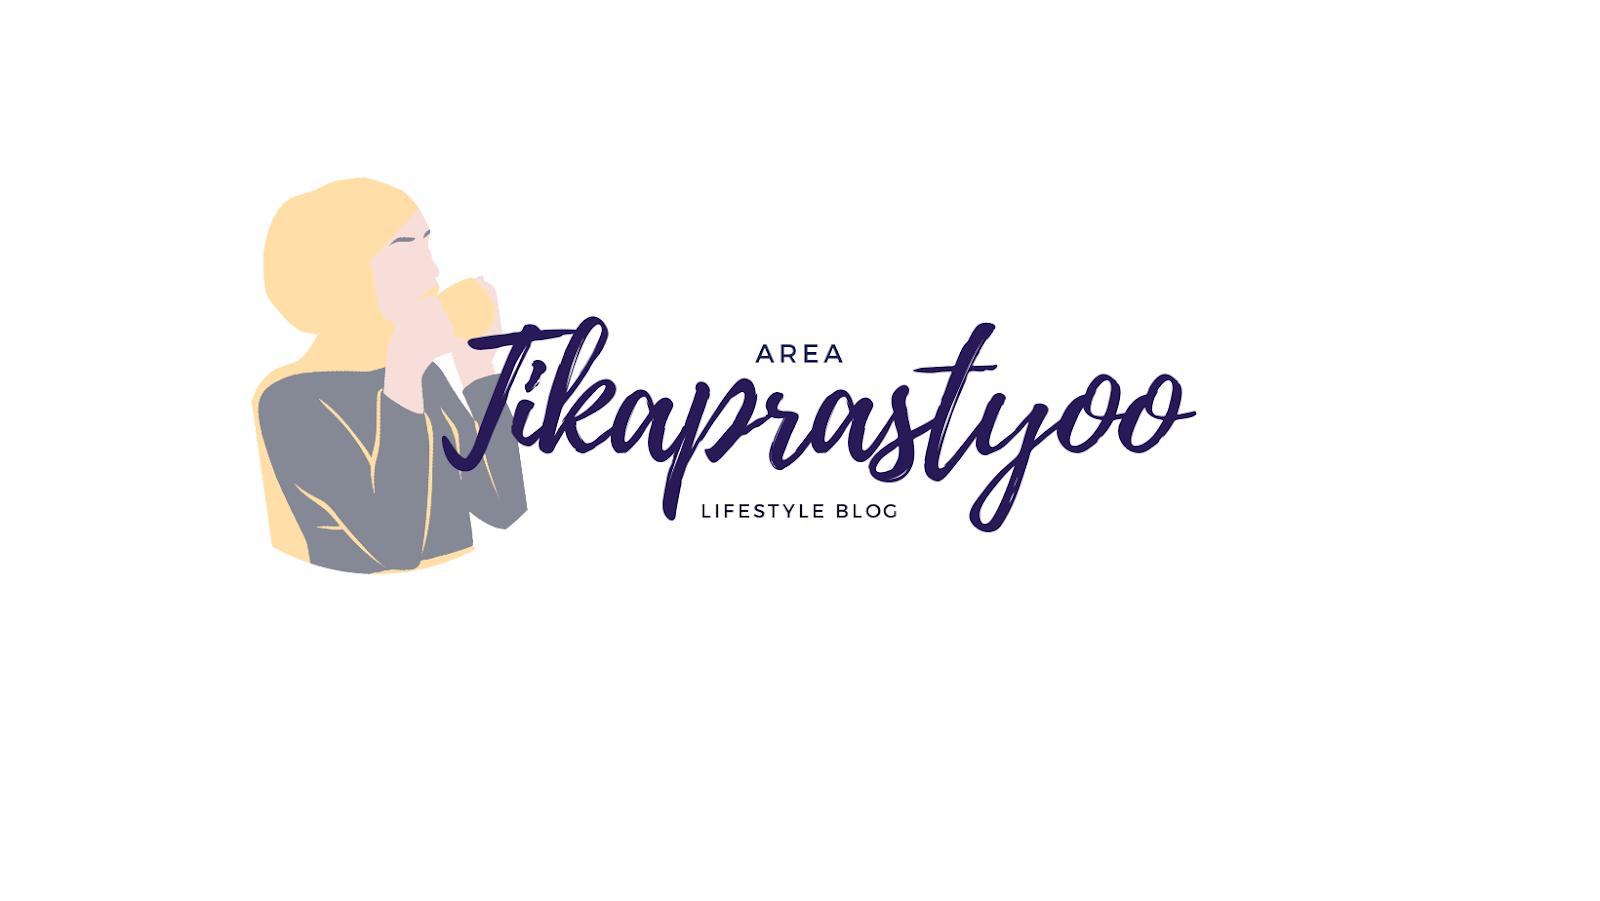 Tika Prastyoo